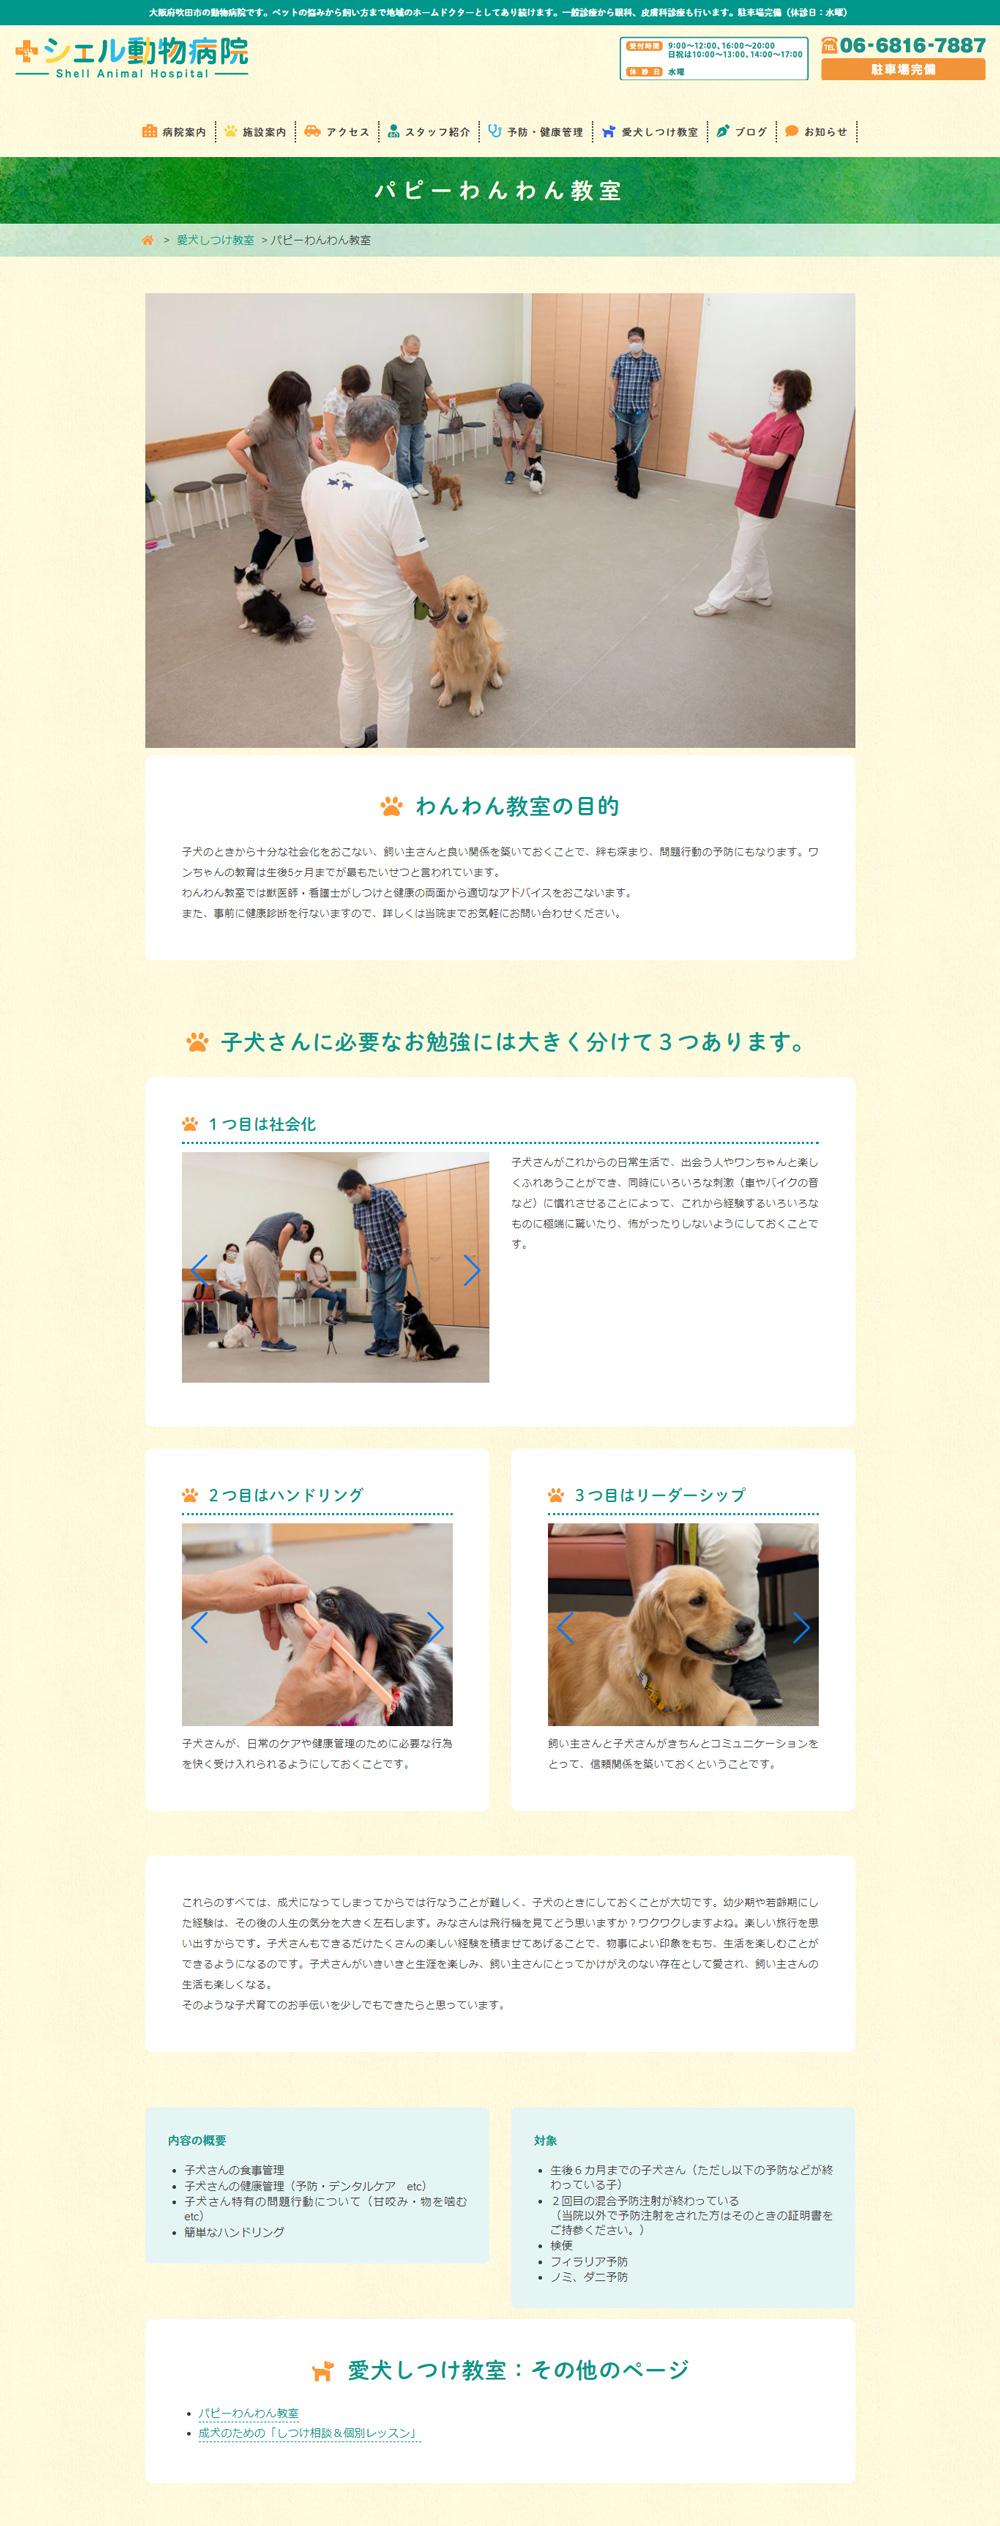 吹田市のシェル動物病院様ホームページ:愛犬しつけ教室ページ